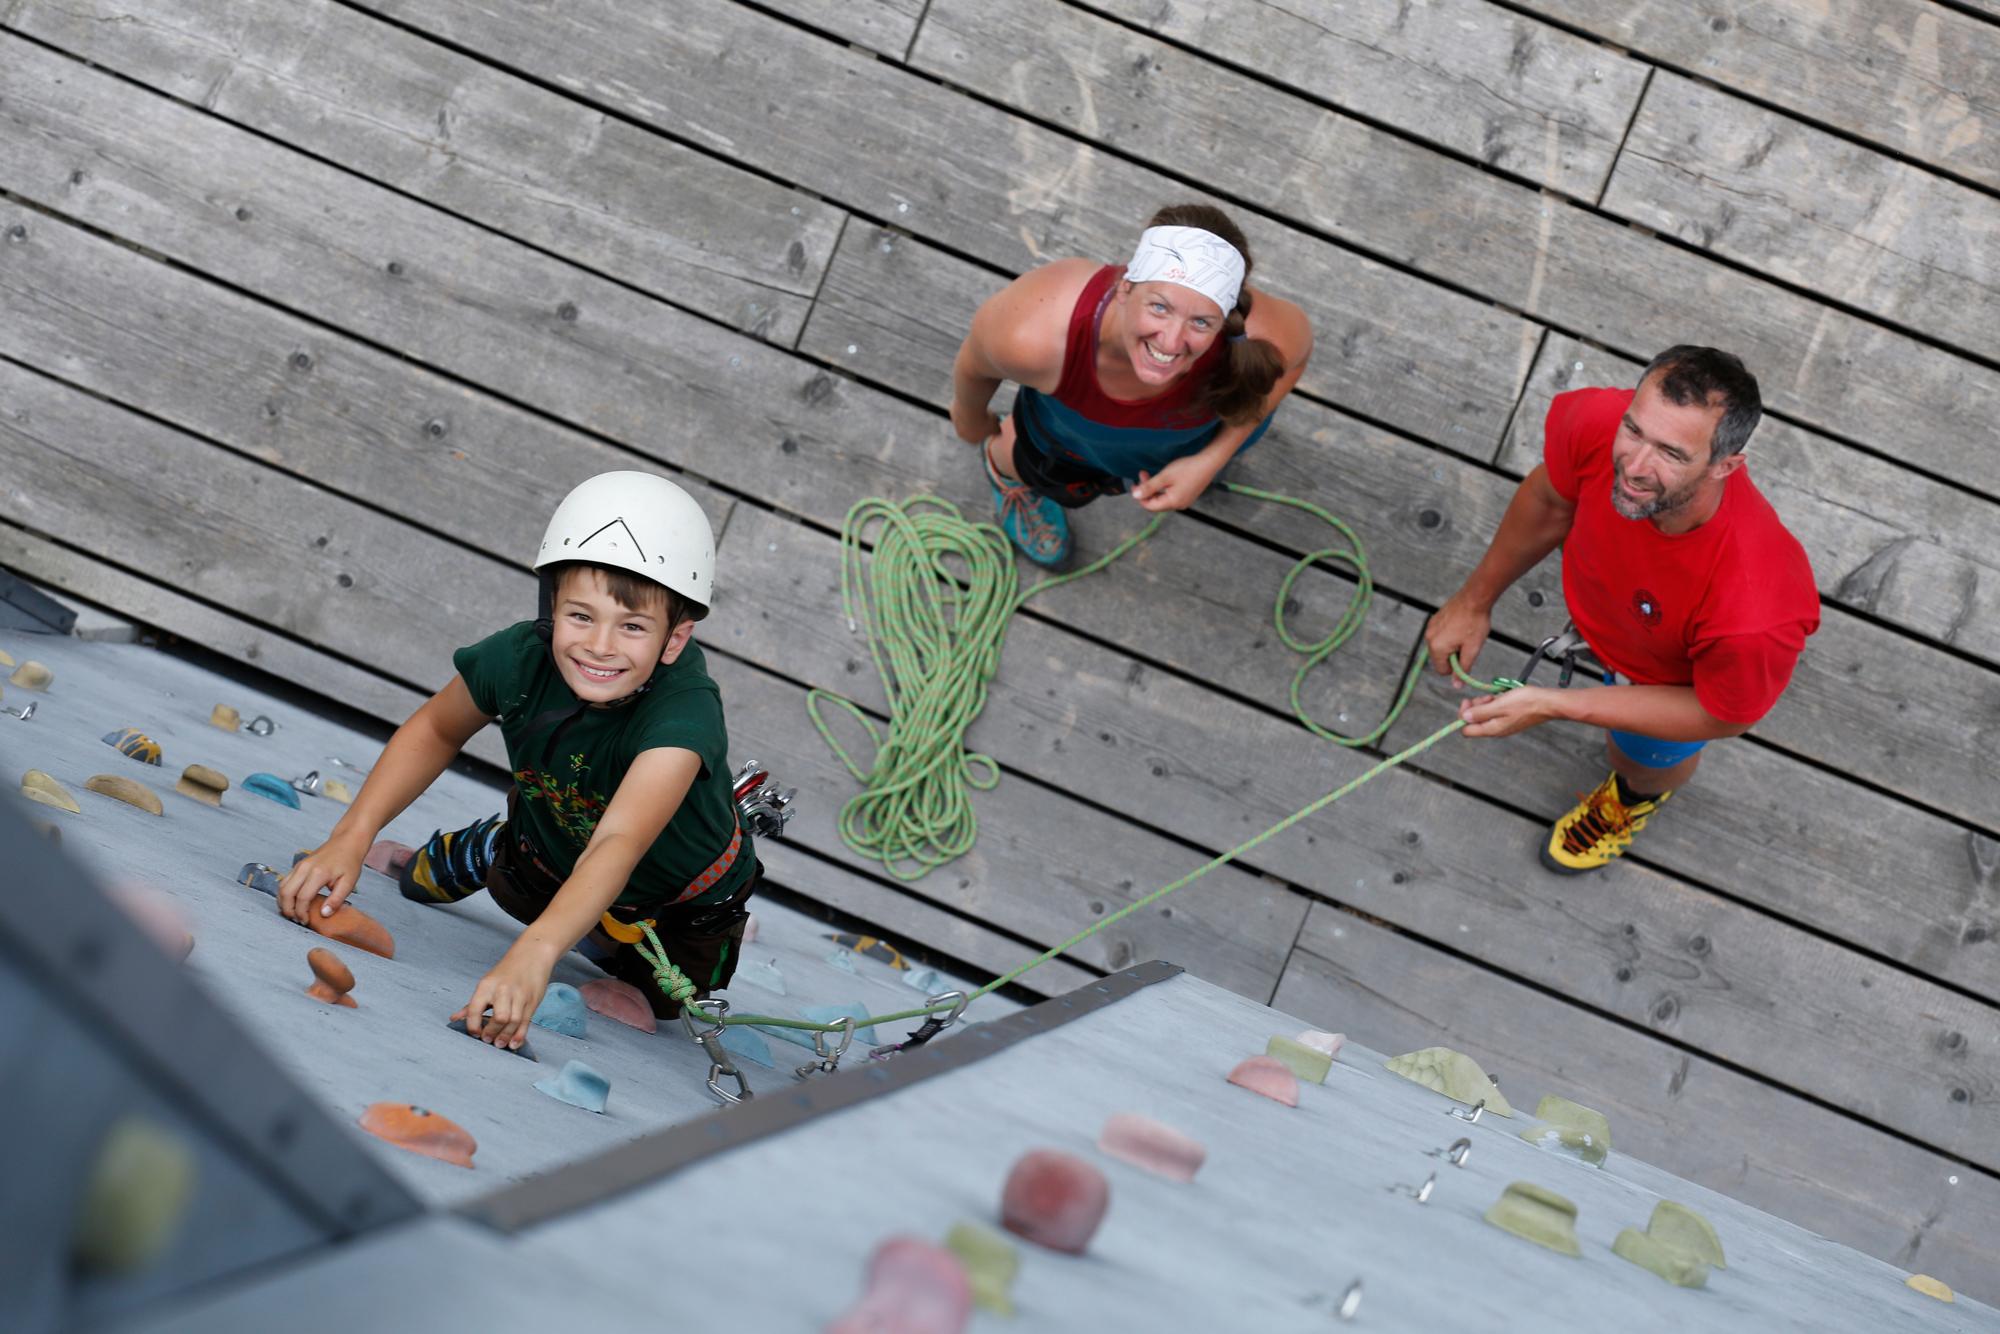 Klettergurt Kinder 8 Jahren : Klettern und bouldern mit kindern: das gilt es zu beachten